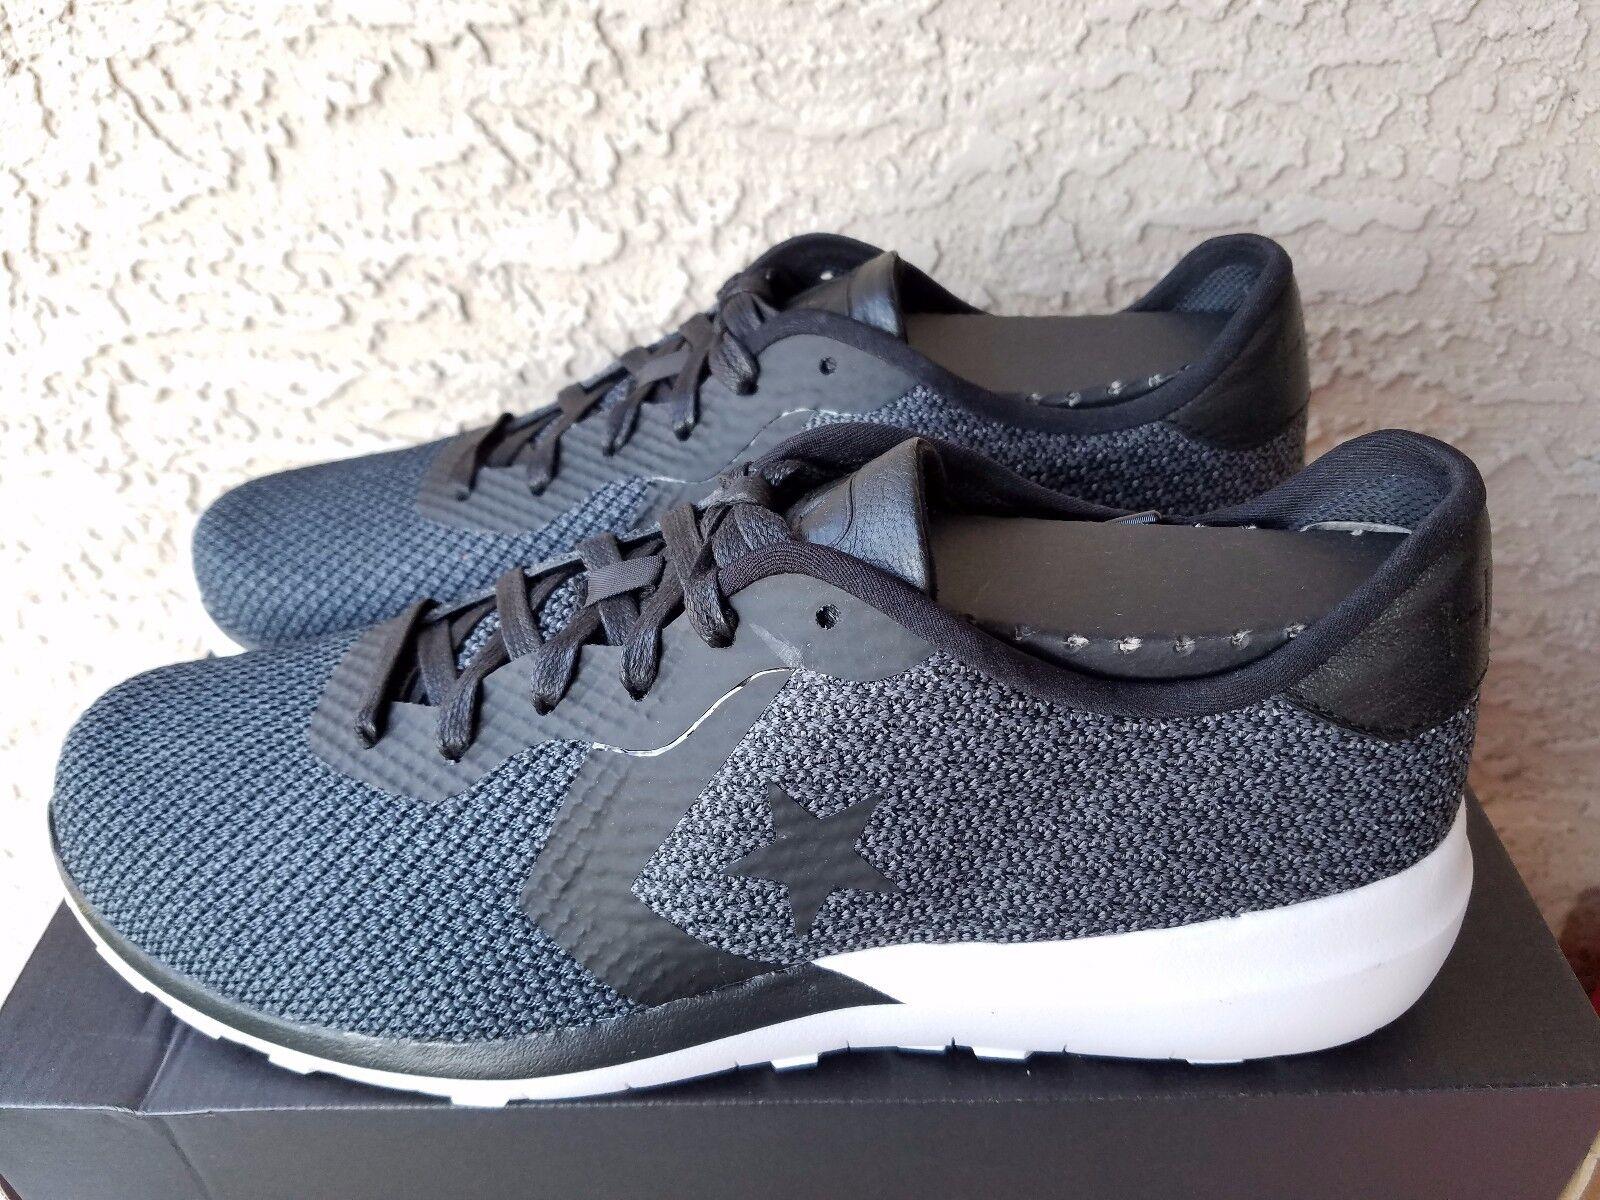 NikeLab Converse Hiroshi HTM Auckland Modern Low Top X Hiroshi Converse Tinker 155015c e325c1